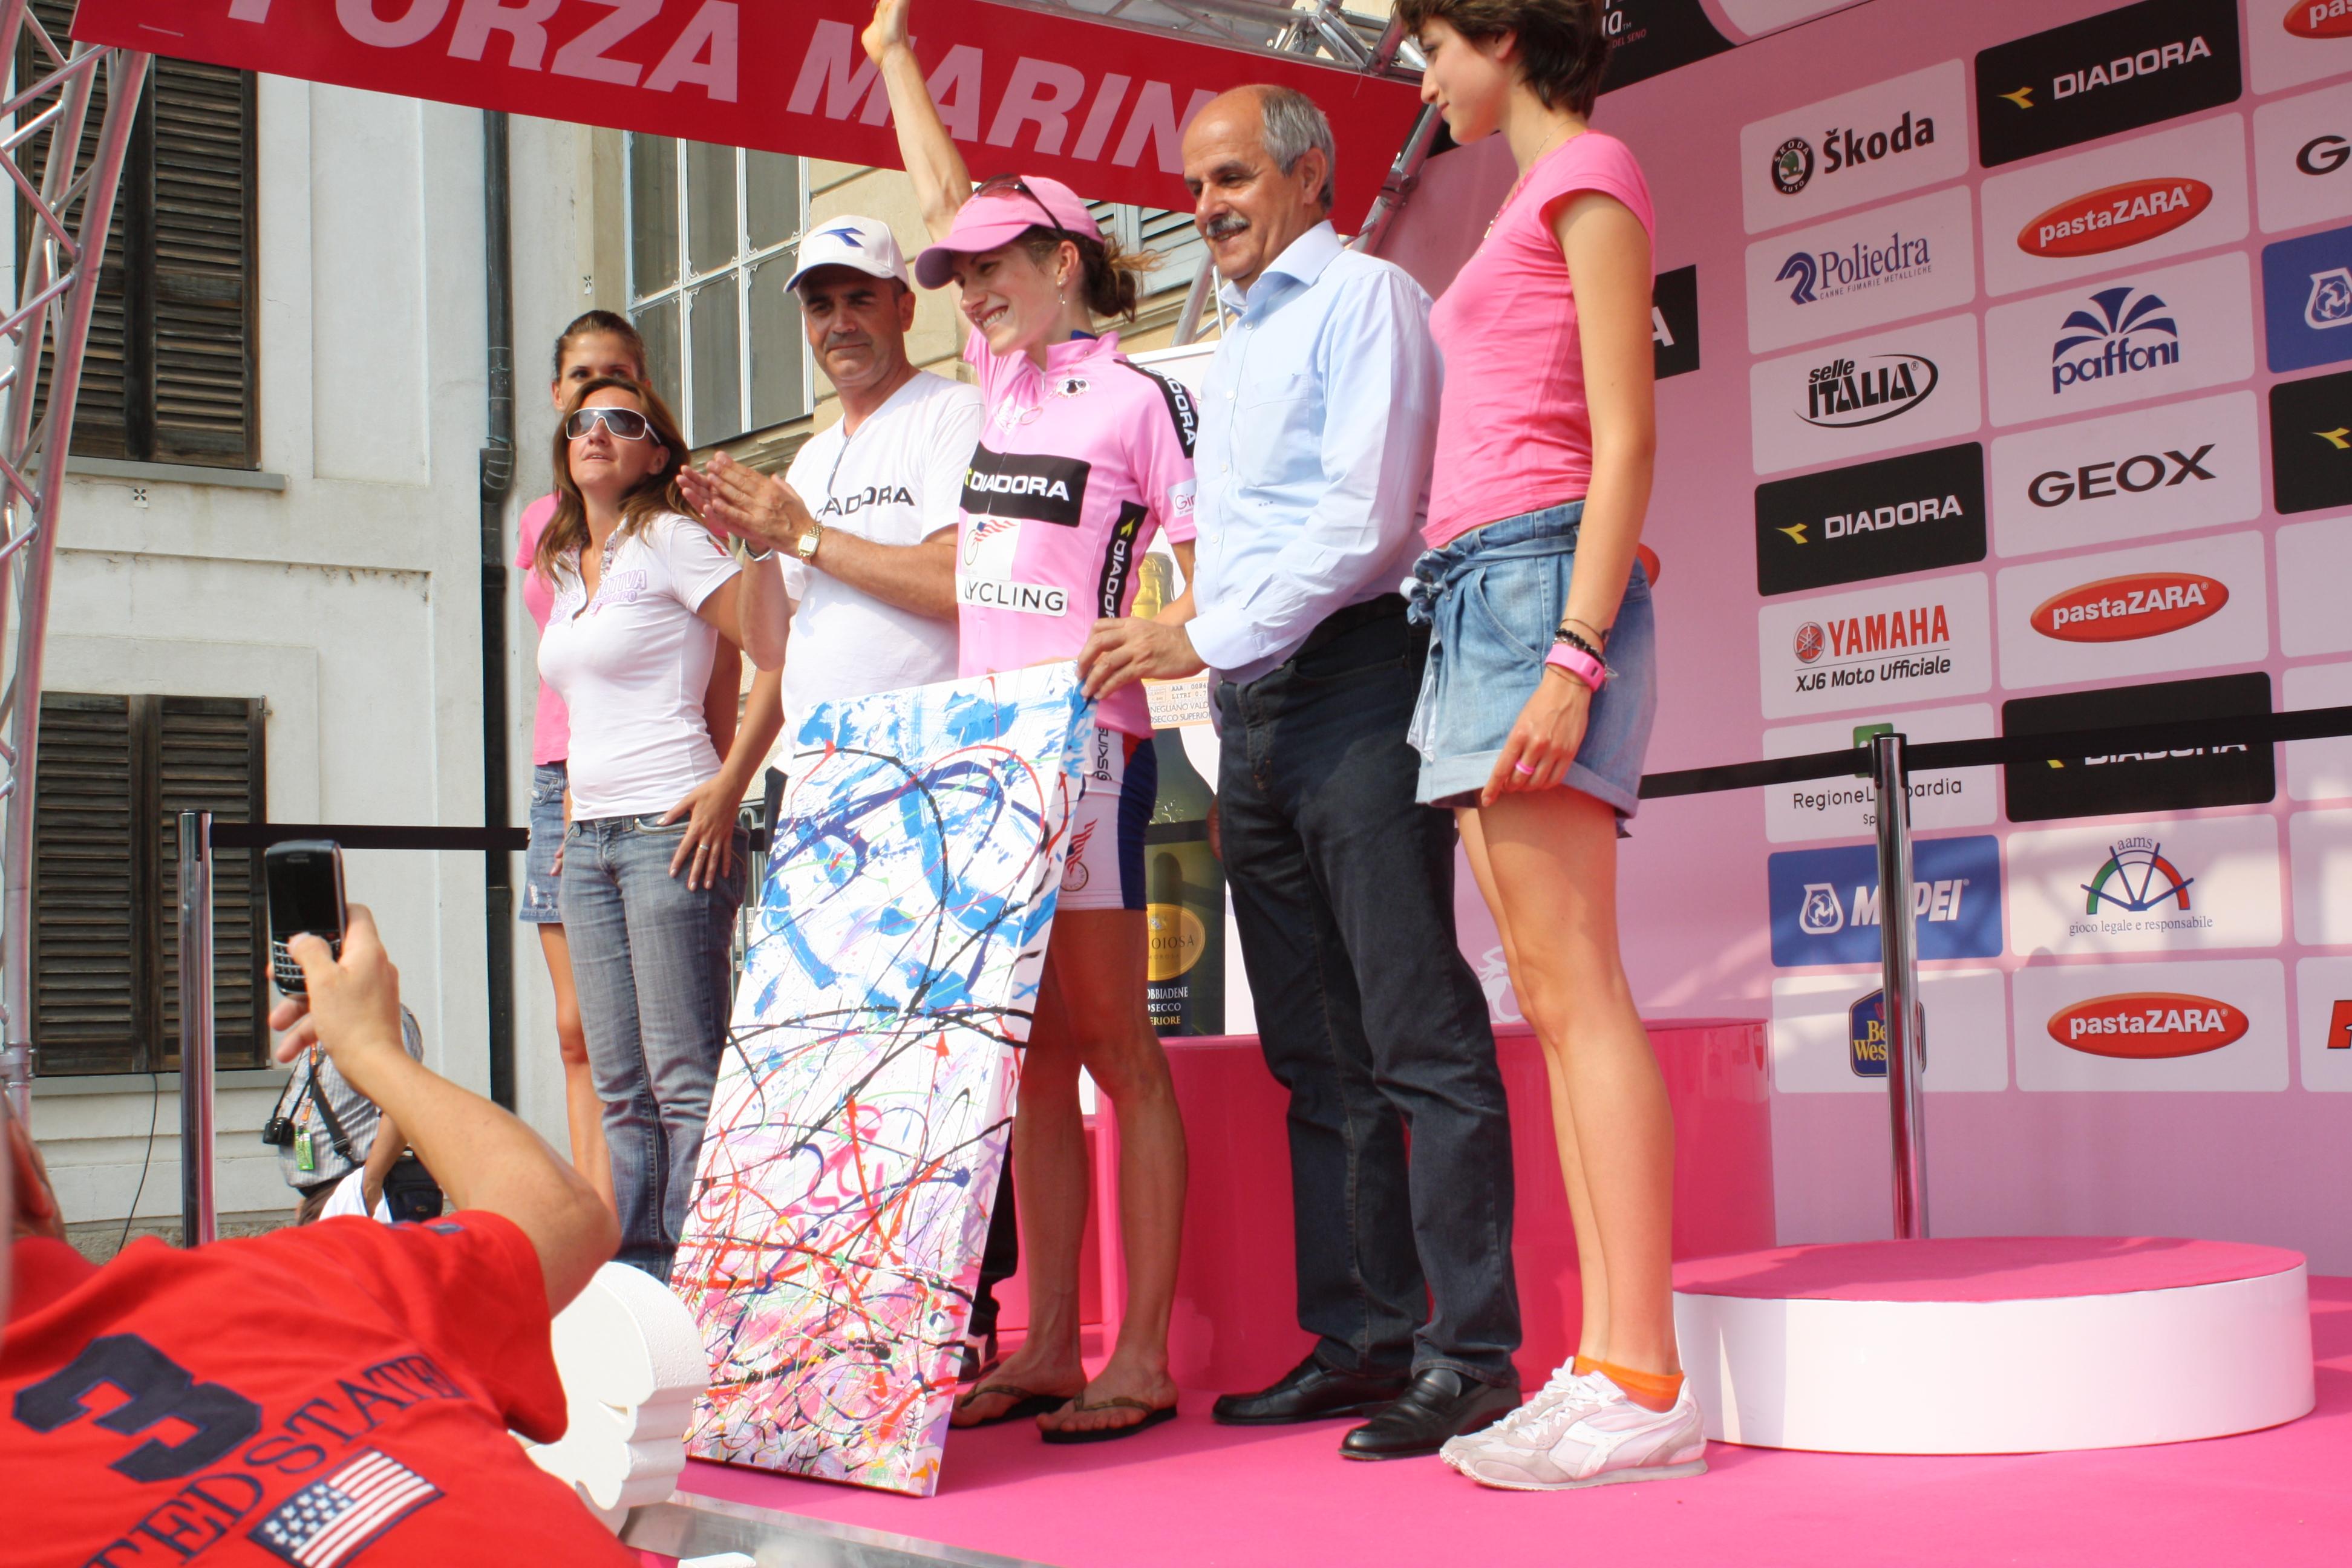 Renato Di Rocco Presidente FCI premia Vincitrice Giro donne